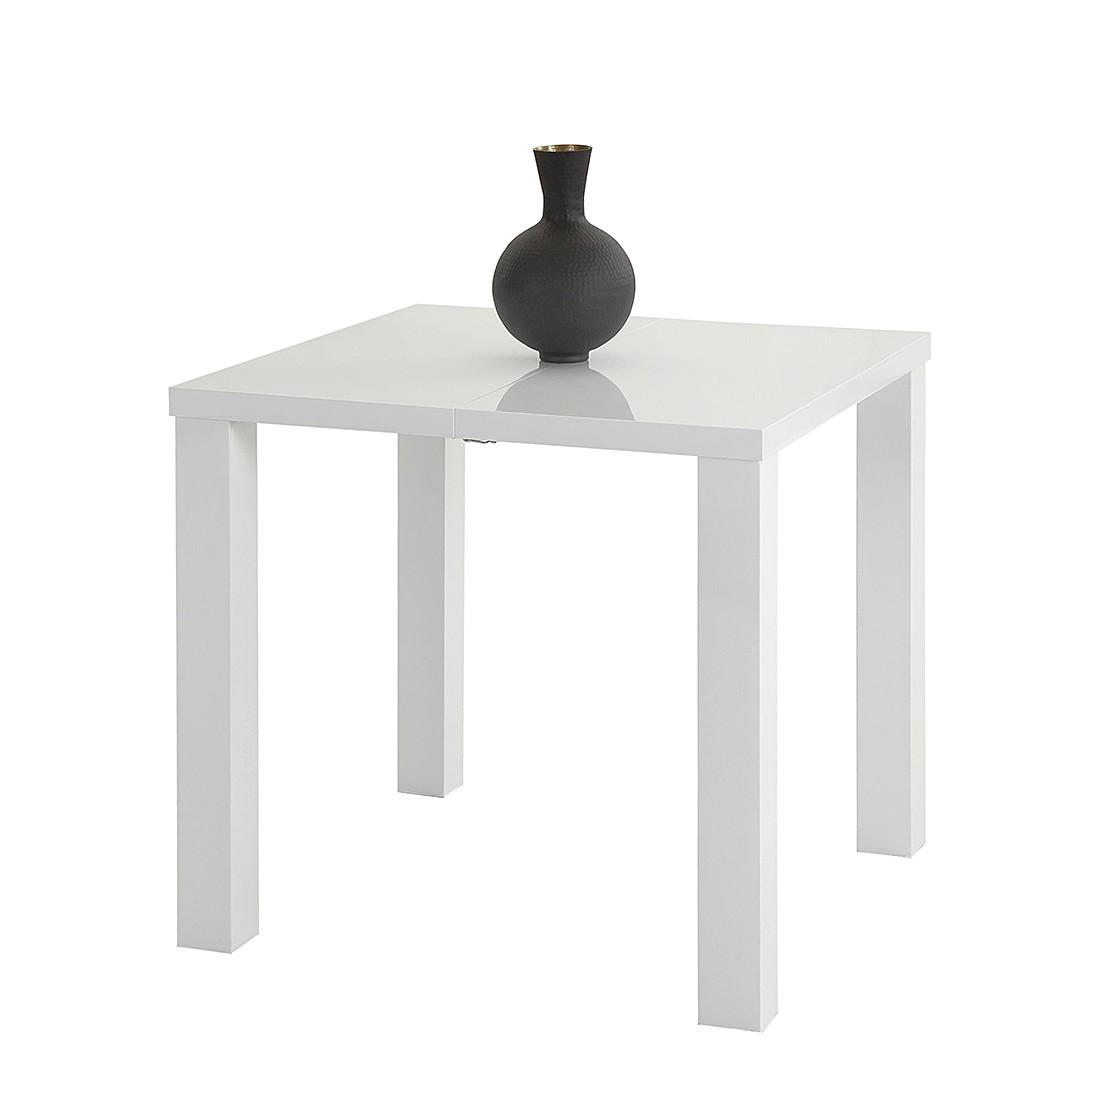 esstisch design 120 g nstig kaufen. Black Bedroom Furniture Sets. Home Design Ideas